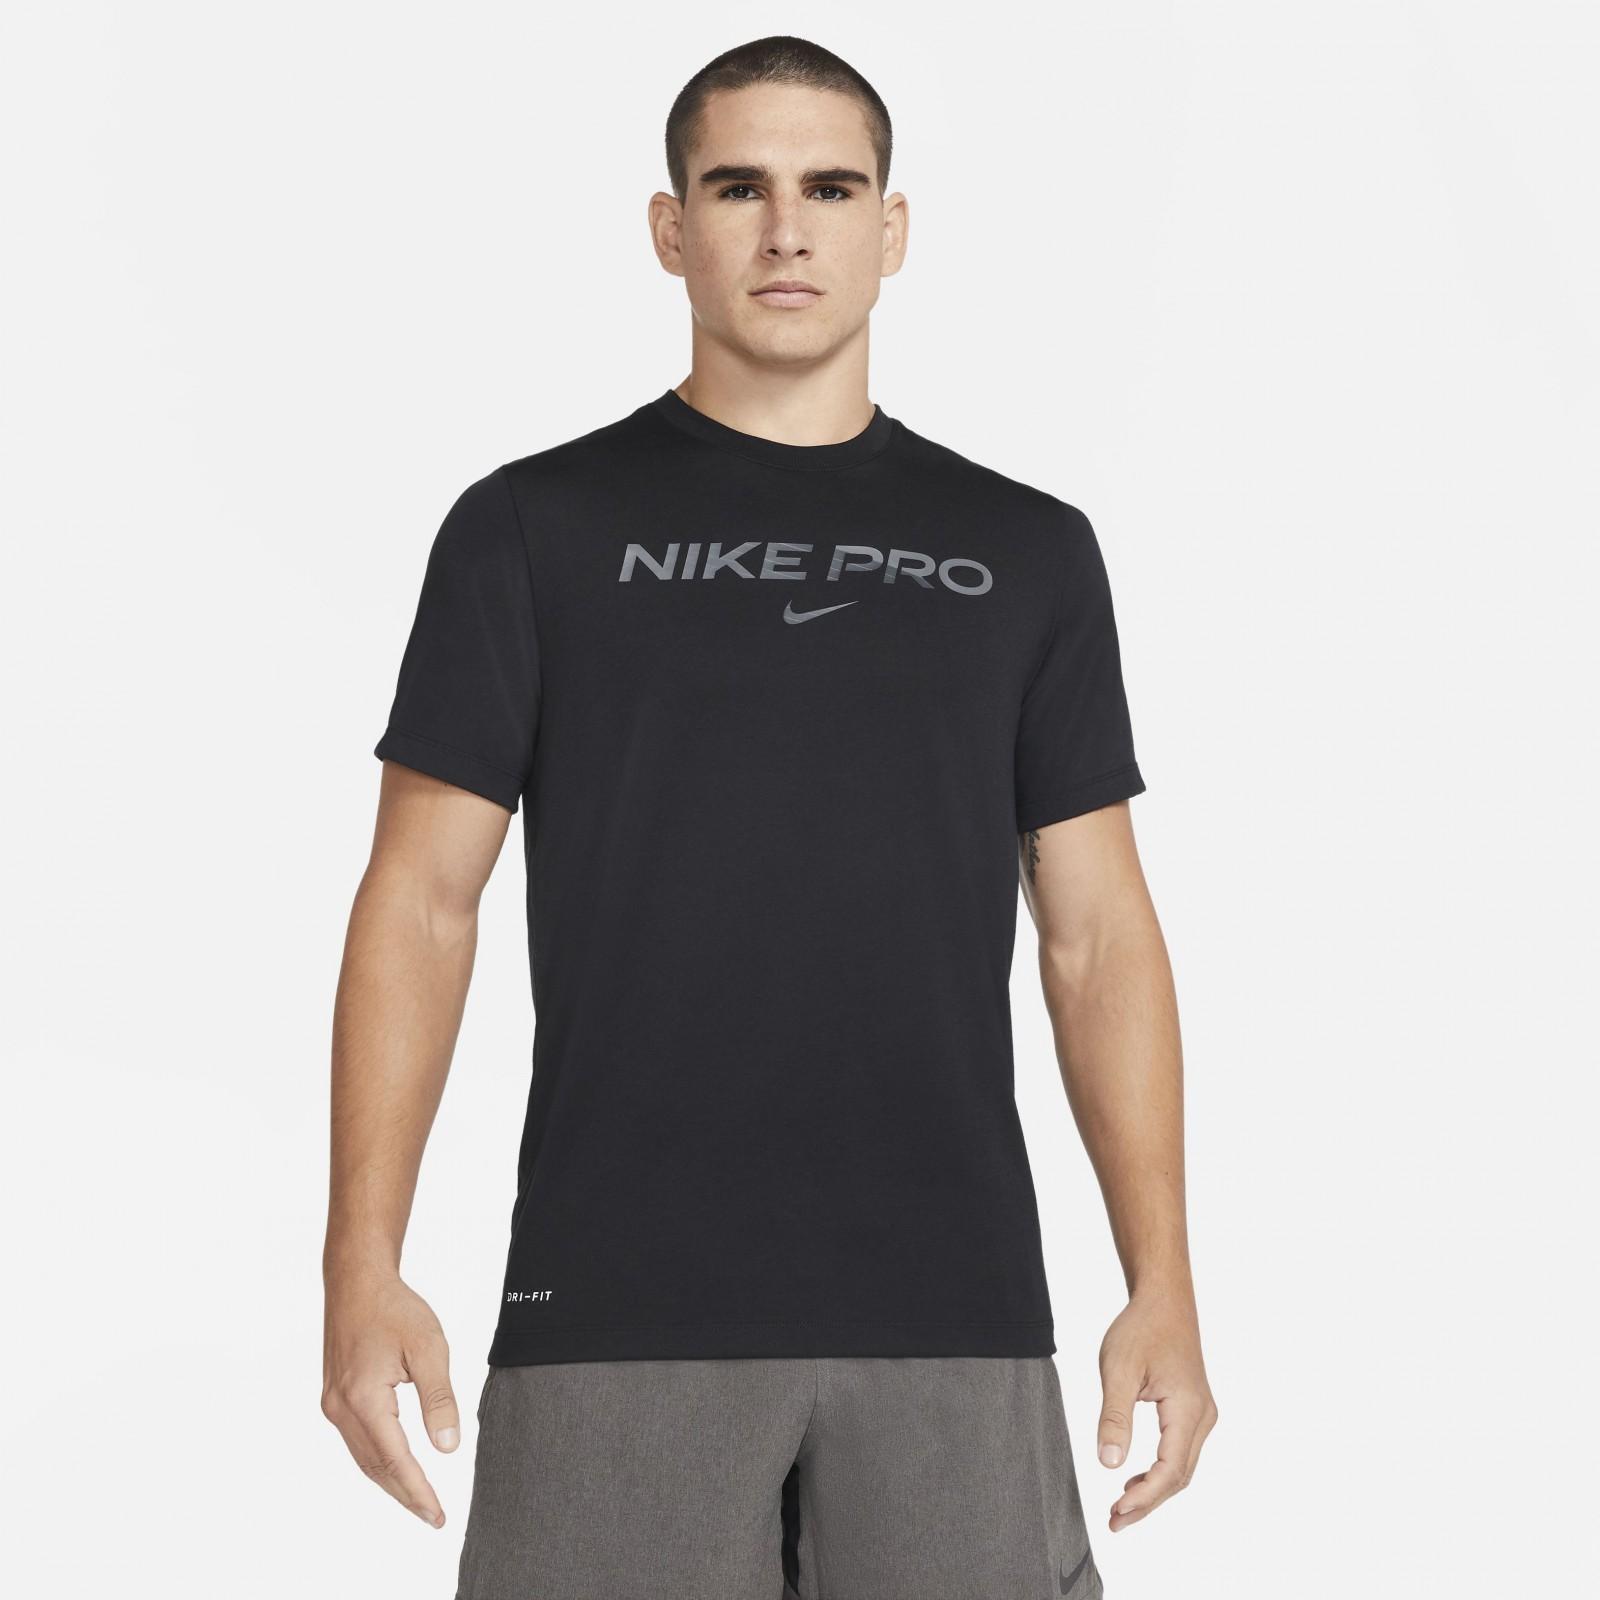 Nike Pro BLACK/IRON GREY